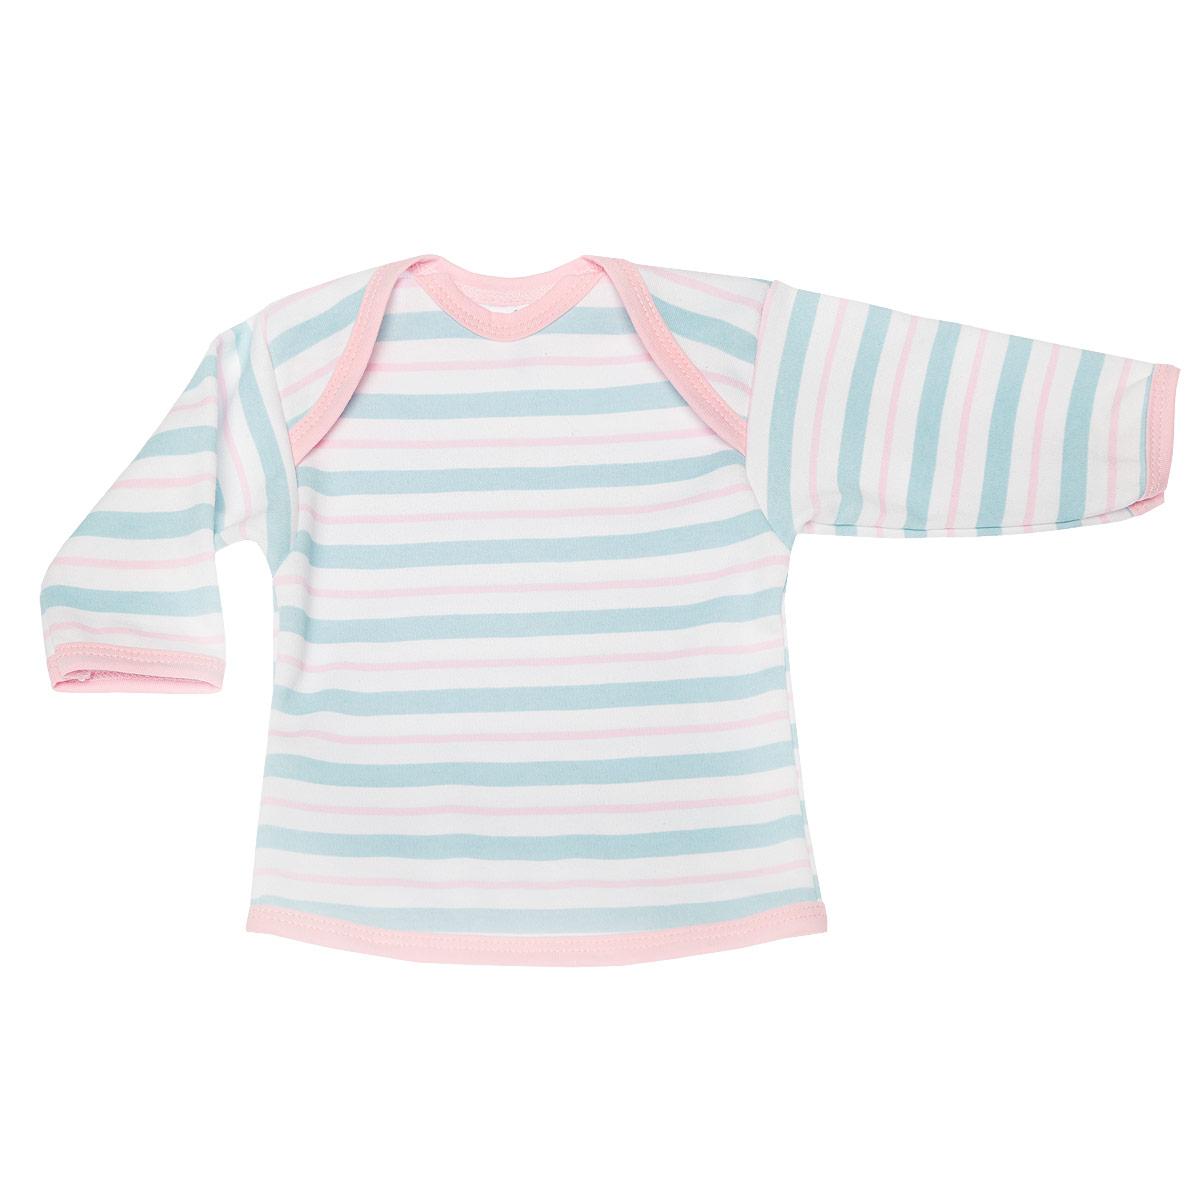 Футболка с длинным рукавом детская Трон-плюс, цвет: бирюзовый, розовый, белый. 5611_полоска. Размер 80, 12 месяцев5611_полоскаУдобная детская футболка Трон-плюс с длинными рукавами послужит идеальным дополнением к гардеробу вашего ребенка, обеспечивая ему наибольший комфорт. Изготовленная из интерлока - натурального хлопка, она необычайно мягкая и легкая, не раздражает нежную кожу ребенка и хорошо вентилируется, а эластичные швы приятны телу ребенка и не препятствуют его движениям. Удобные запахи на плечах помогают легко переодеть младенца. Горловина, низ модели и низ рукавов дополнены трикотажной бейкой. Спинка модели незначительно укорочена. Оформлено изделие принтом в полоску. Футболка полностью соответствует особенностям жизни ребенка в ранний период, не стесняя и не ограничивая его в движениях.